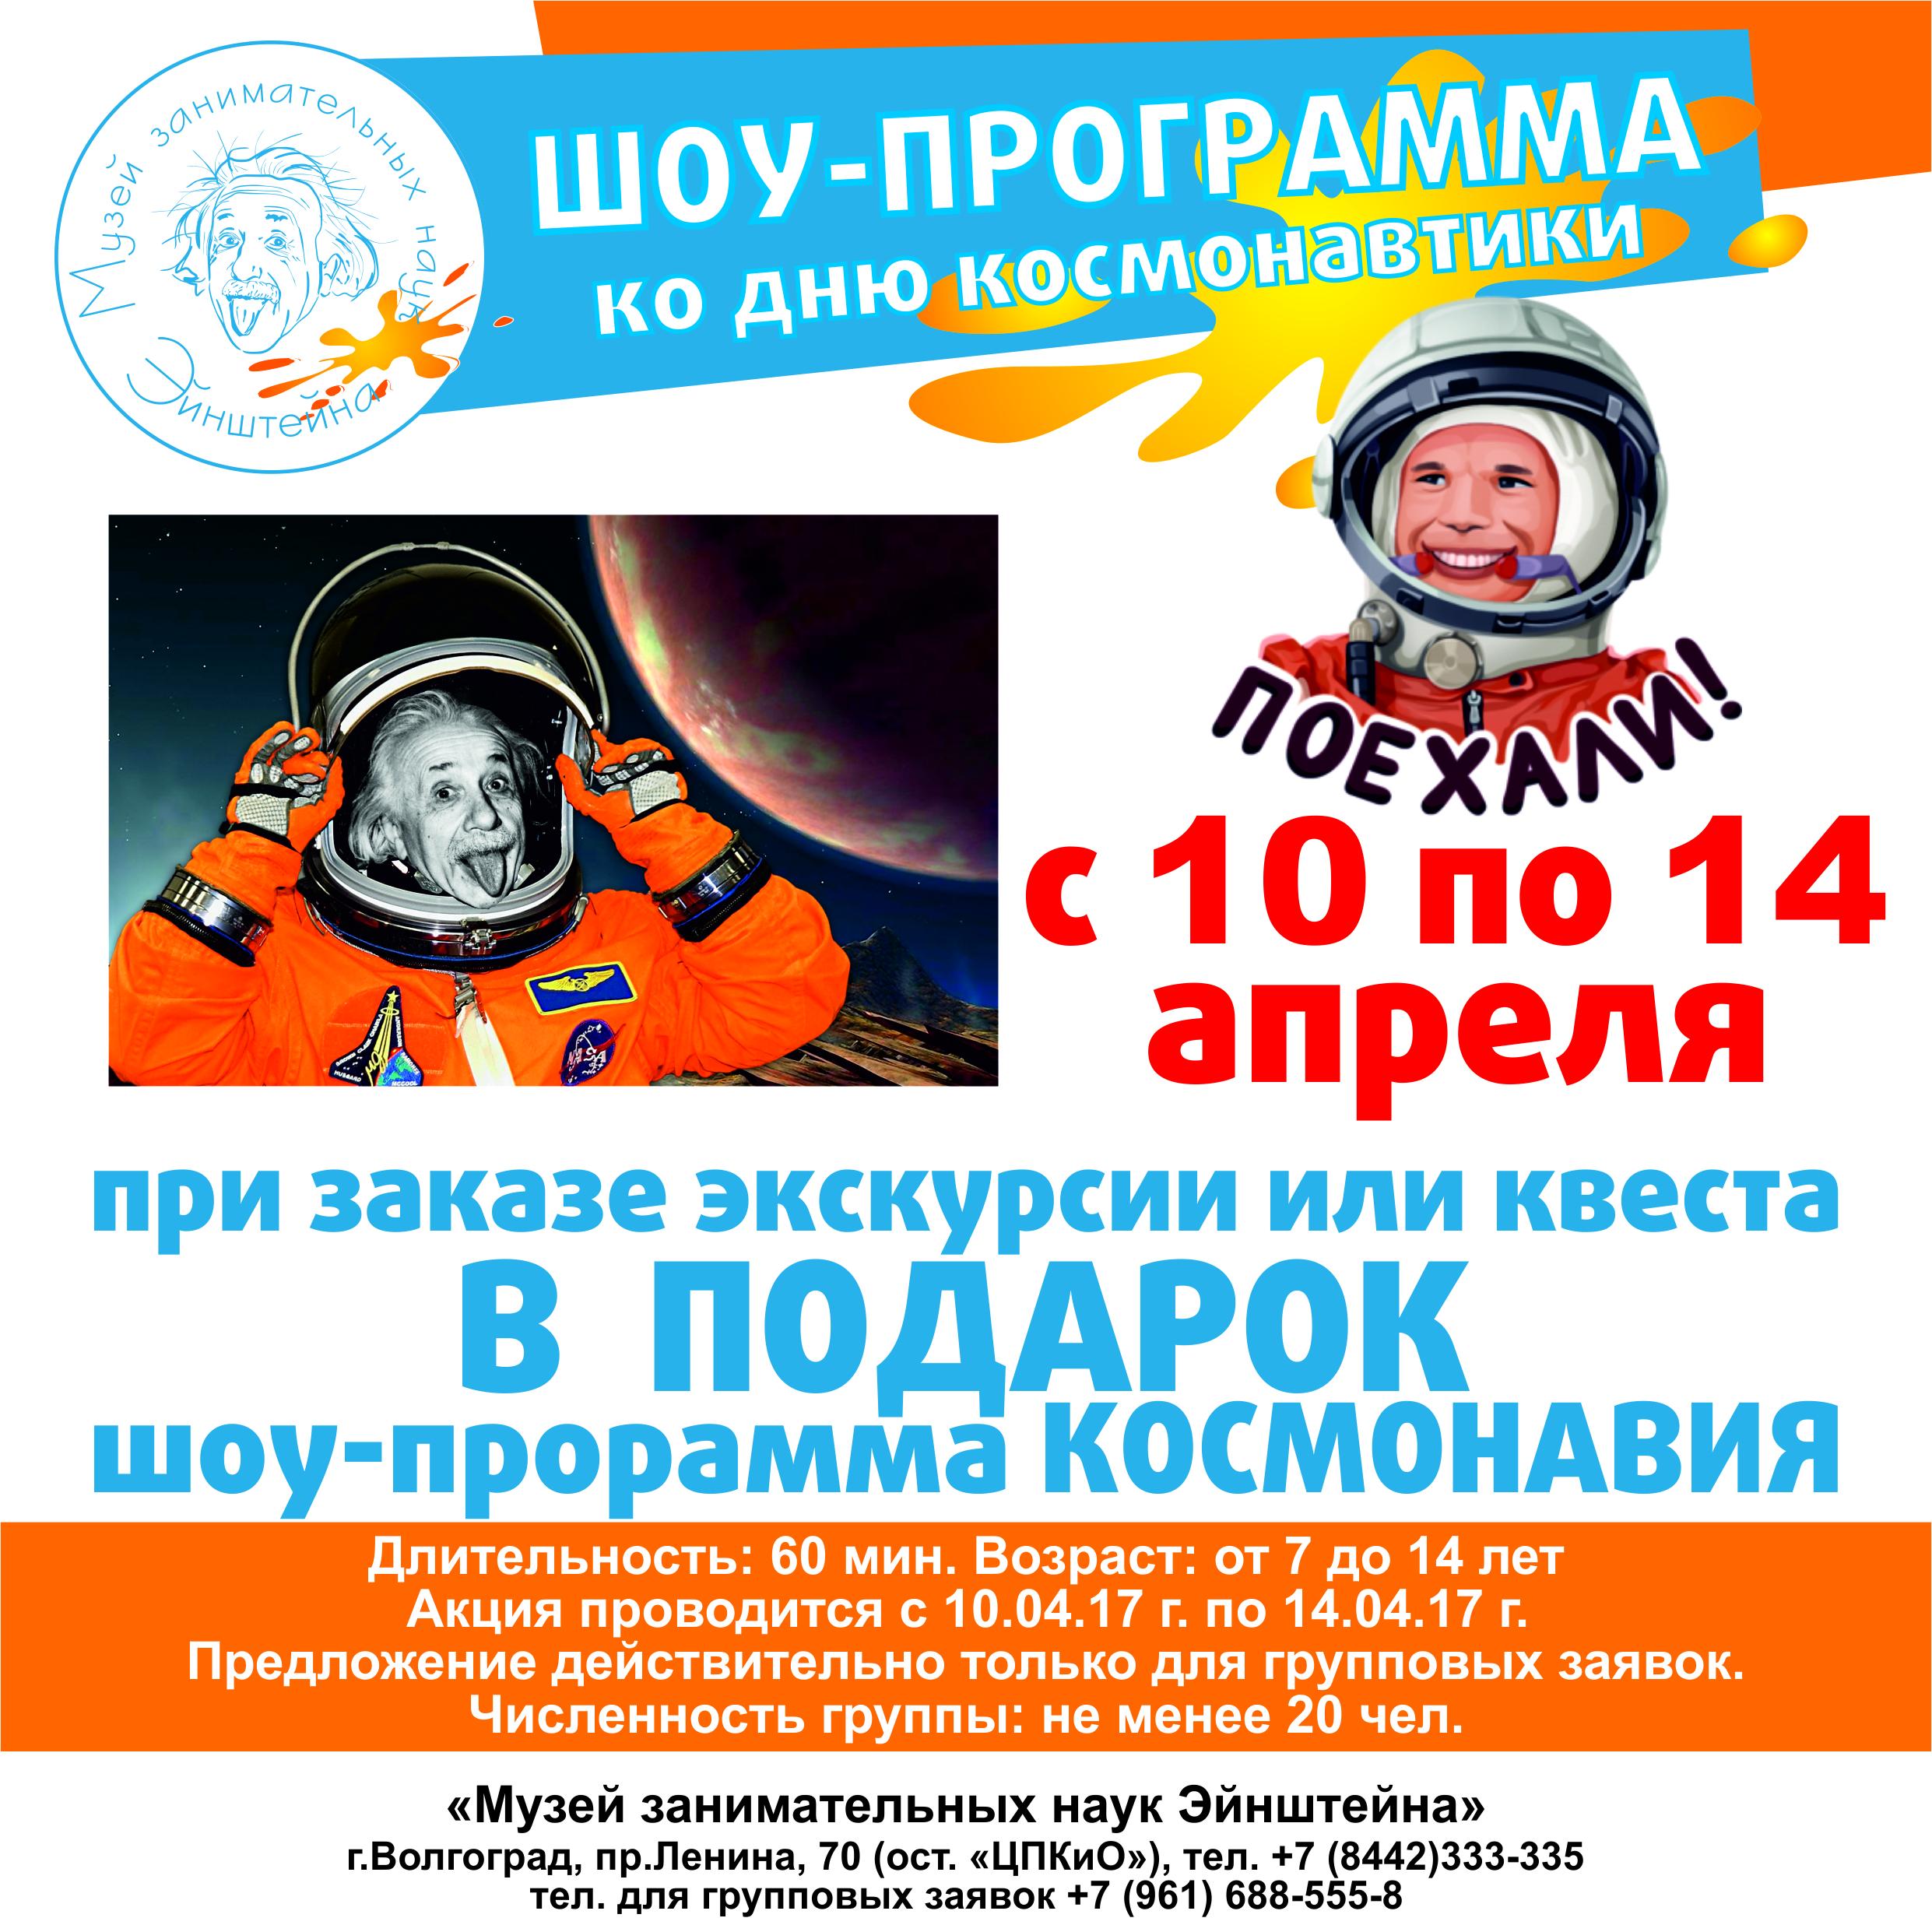 Космонавия_сайт